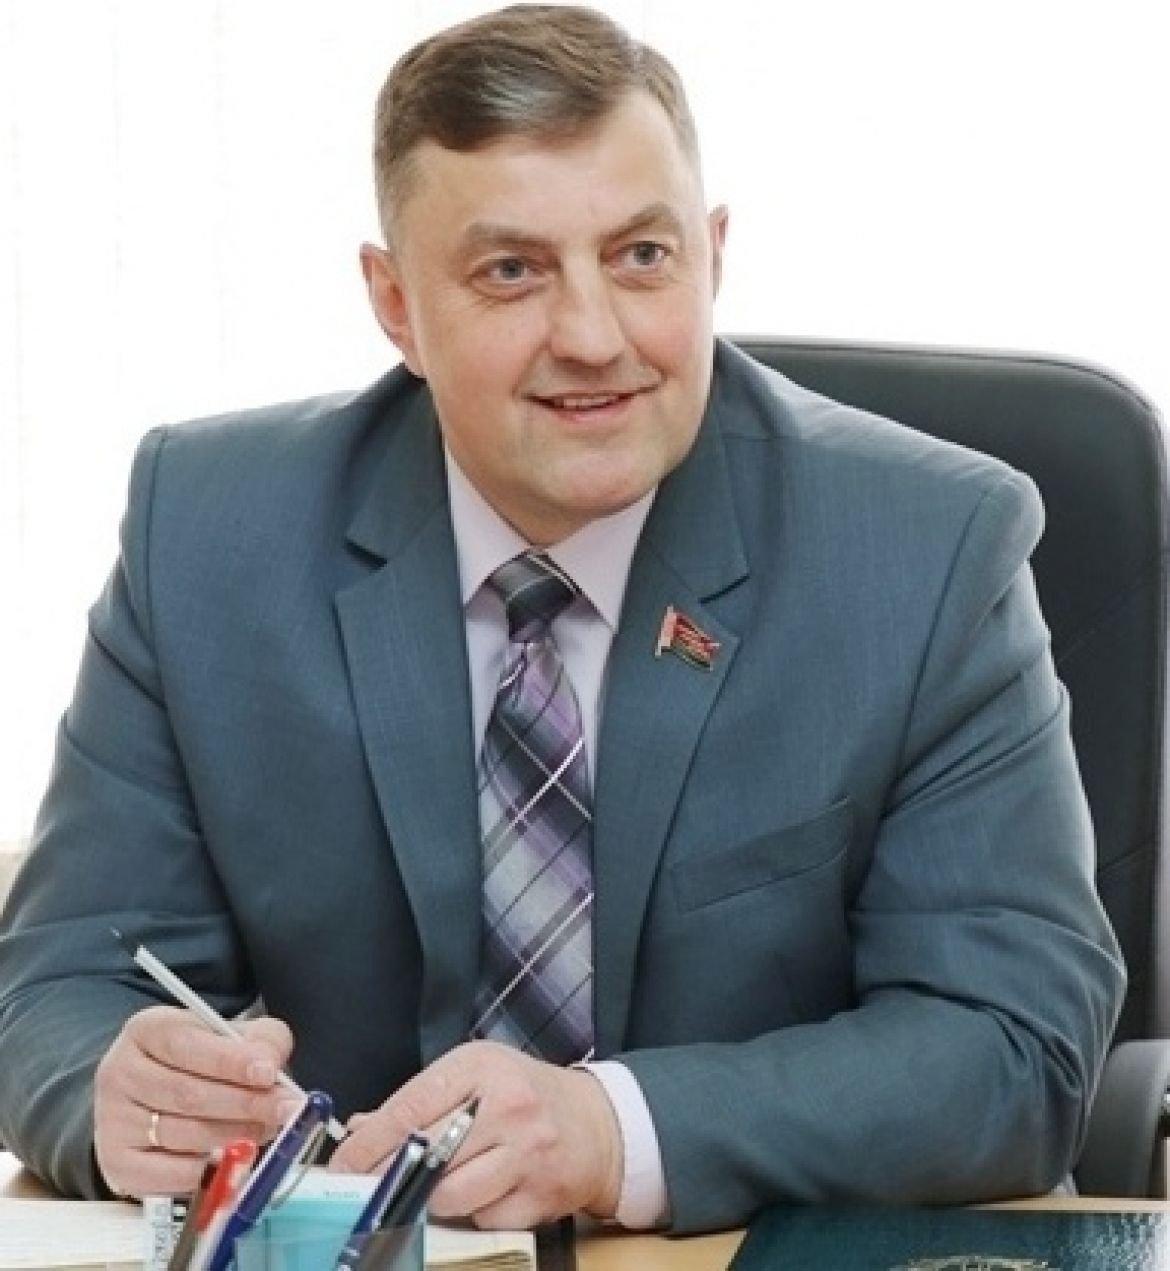 """Александр Маркевич: """"Мы увидели пример продвижения Президентом мягкой белорусской силы, которая базируется на нашем праве жить в суверенном и независимом государстве"""""""